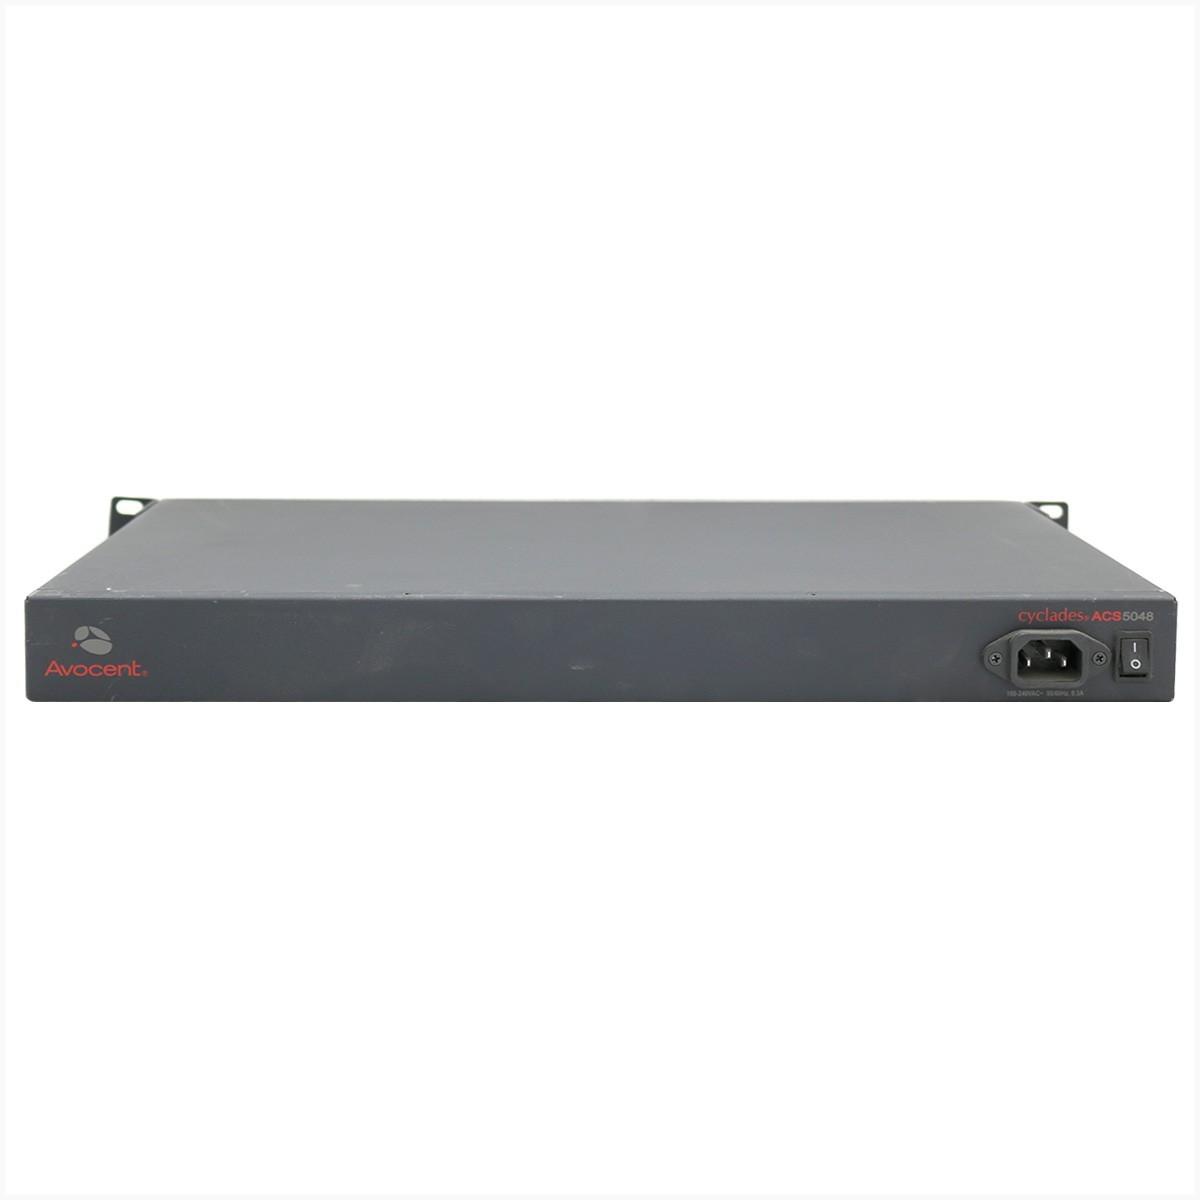 Console server avocent acs5048 - usado - usado